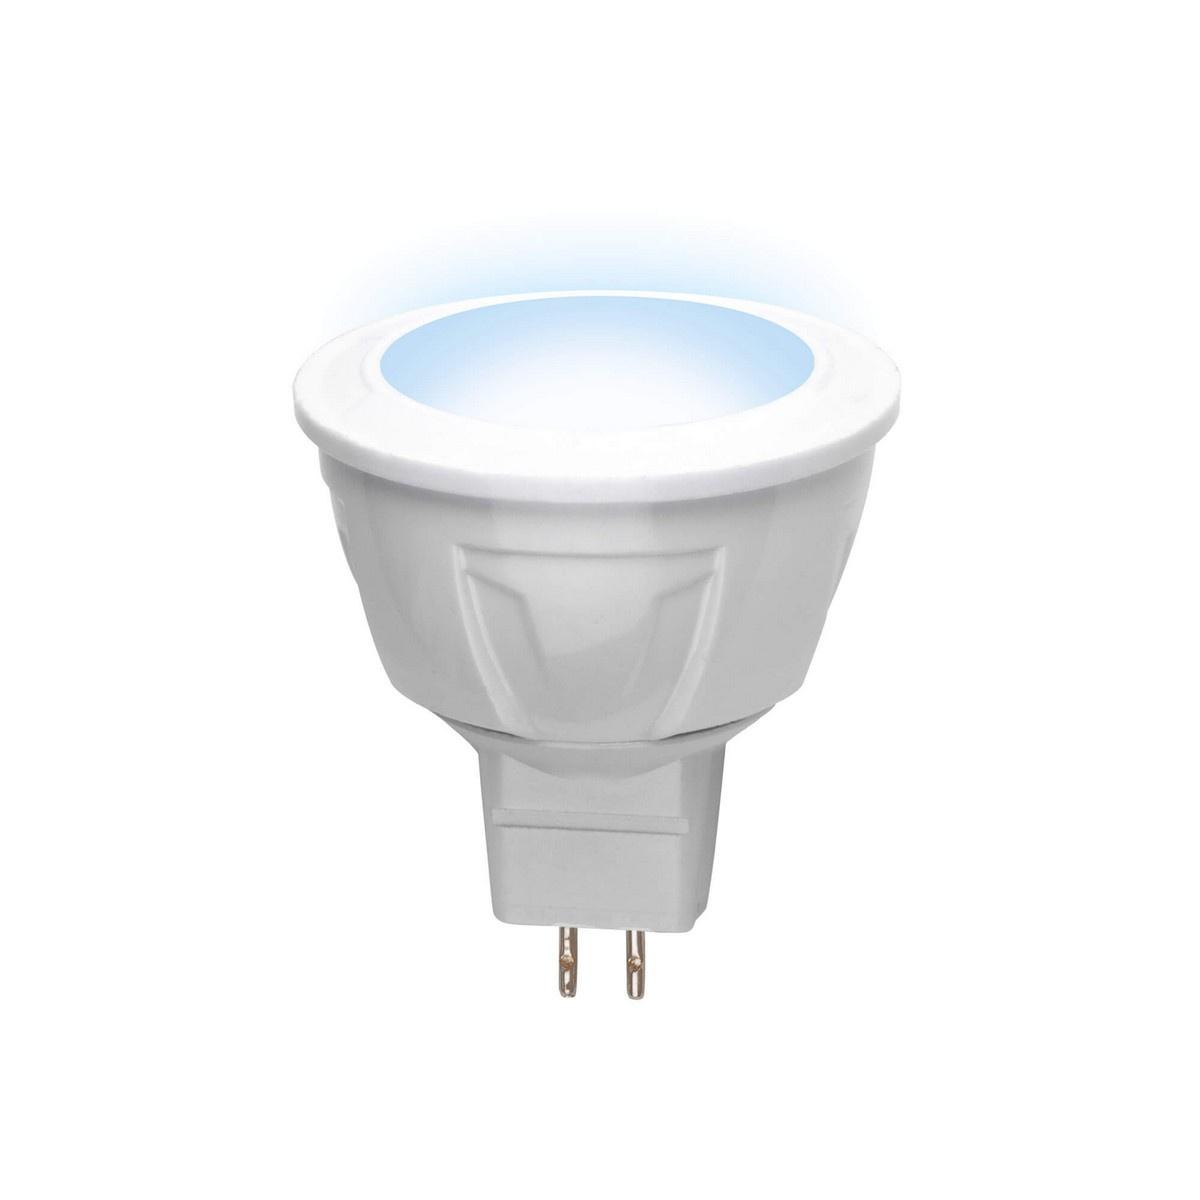 Лампа светодиодная (09458) GU5.3 5W 4500K JCDR матовая LED-JCDR-5W/NW/GU5.3/S